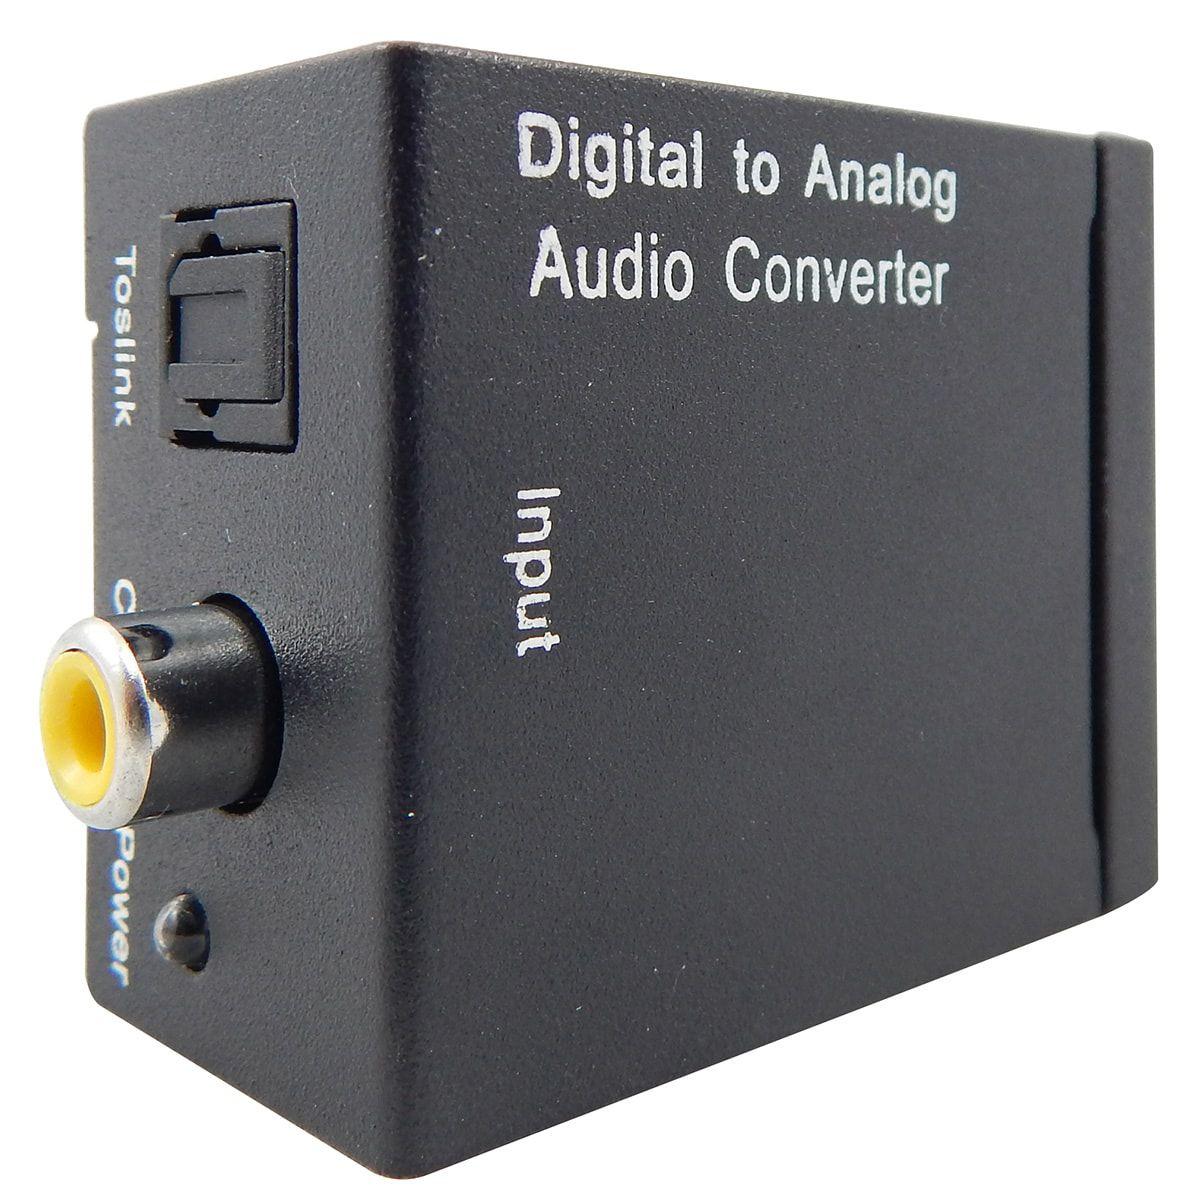 KIT Conversor Áudio Digital para RCA + Cabo Óptico Toslink 2 metros